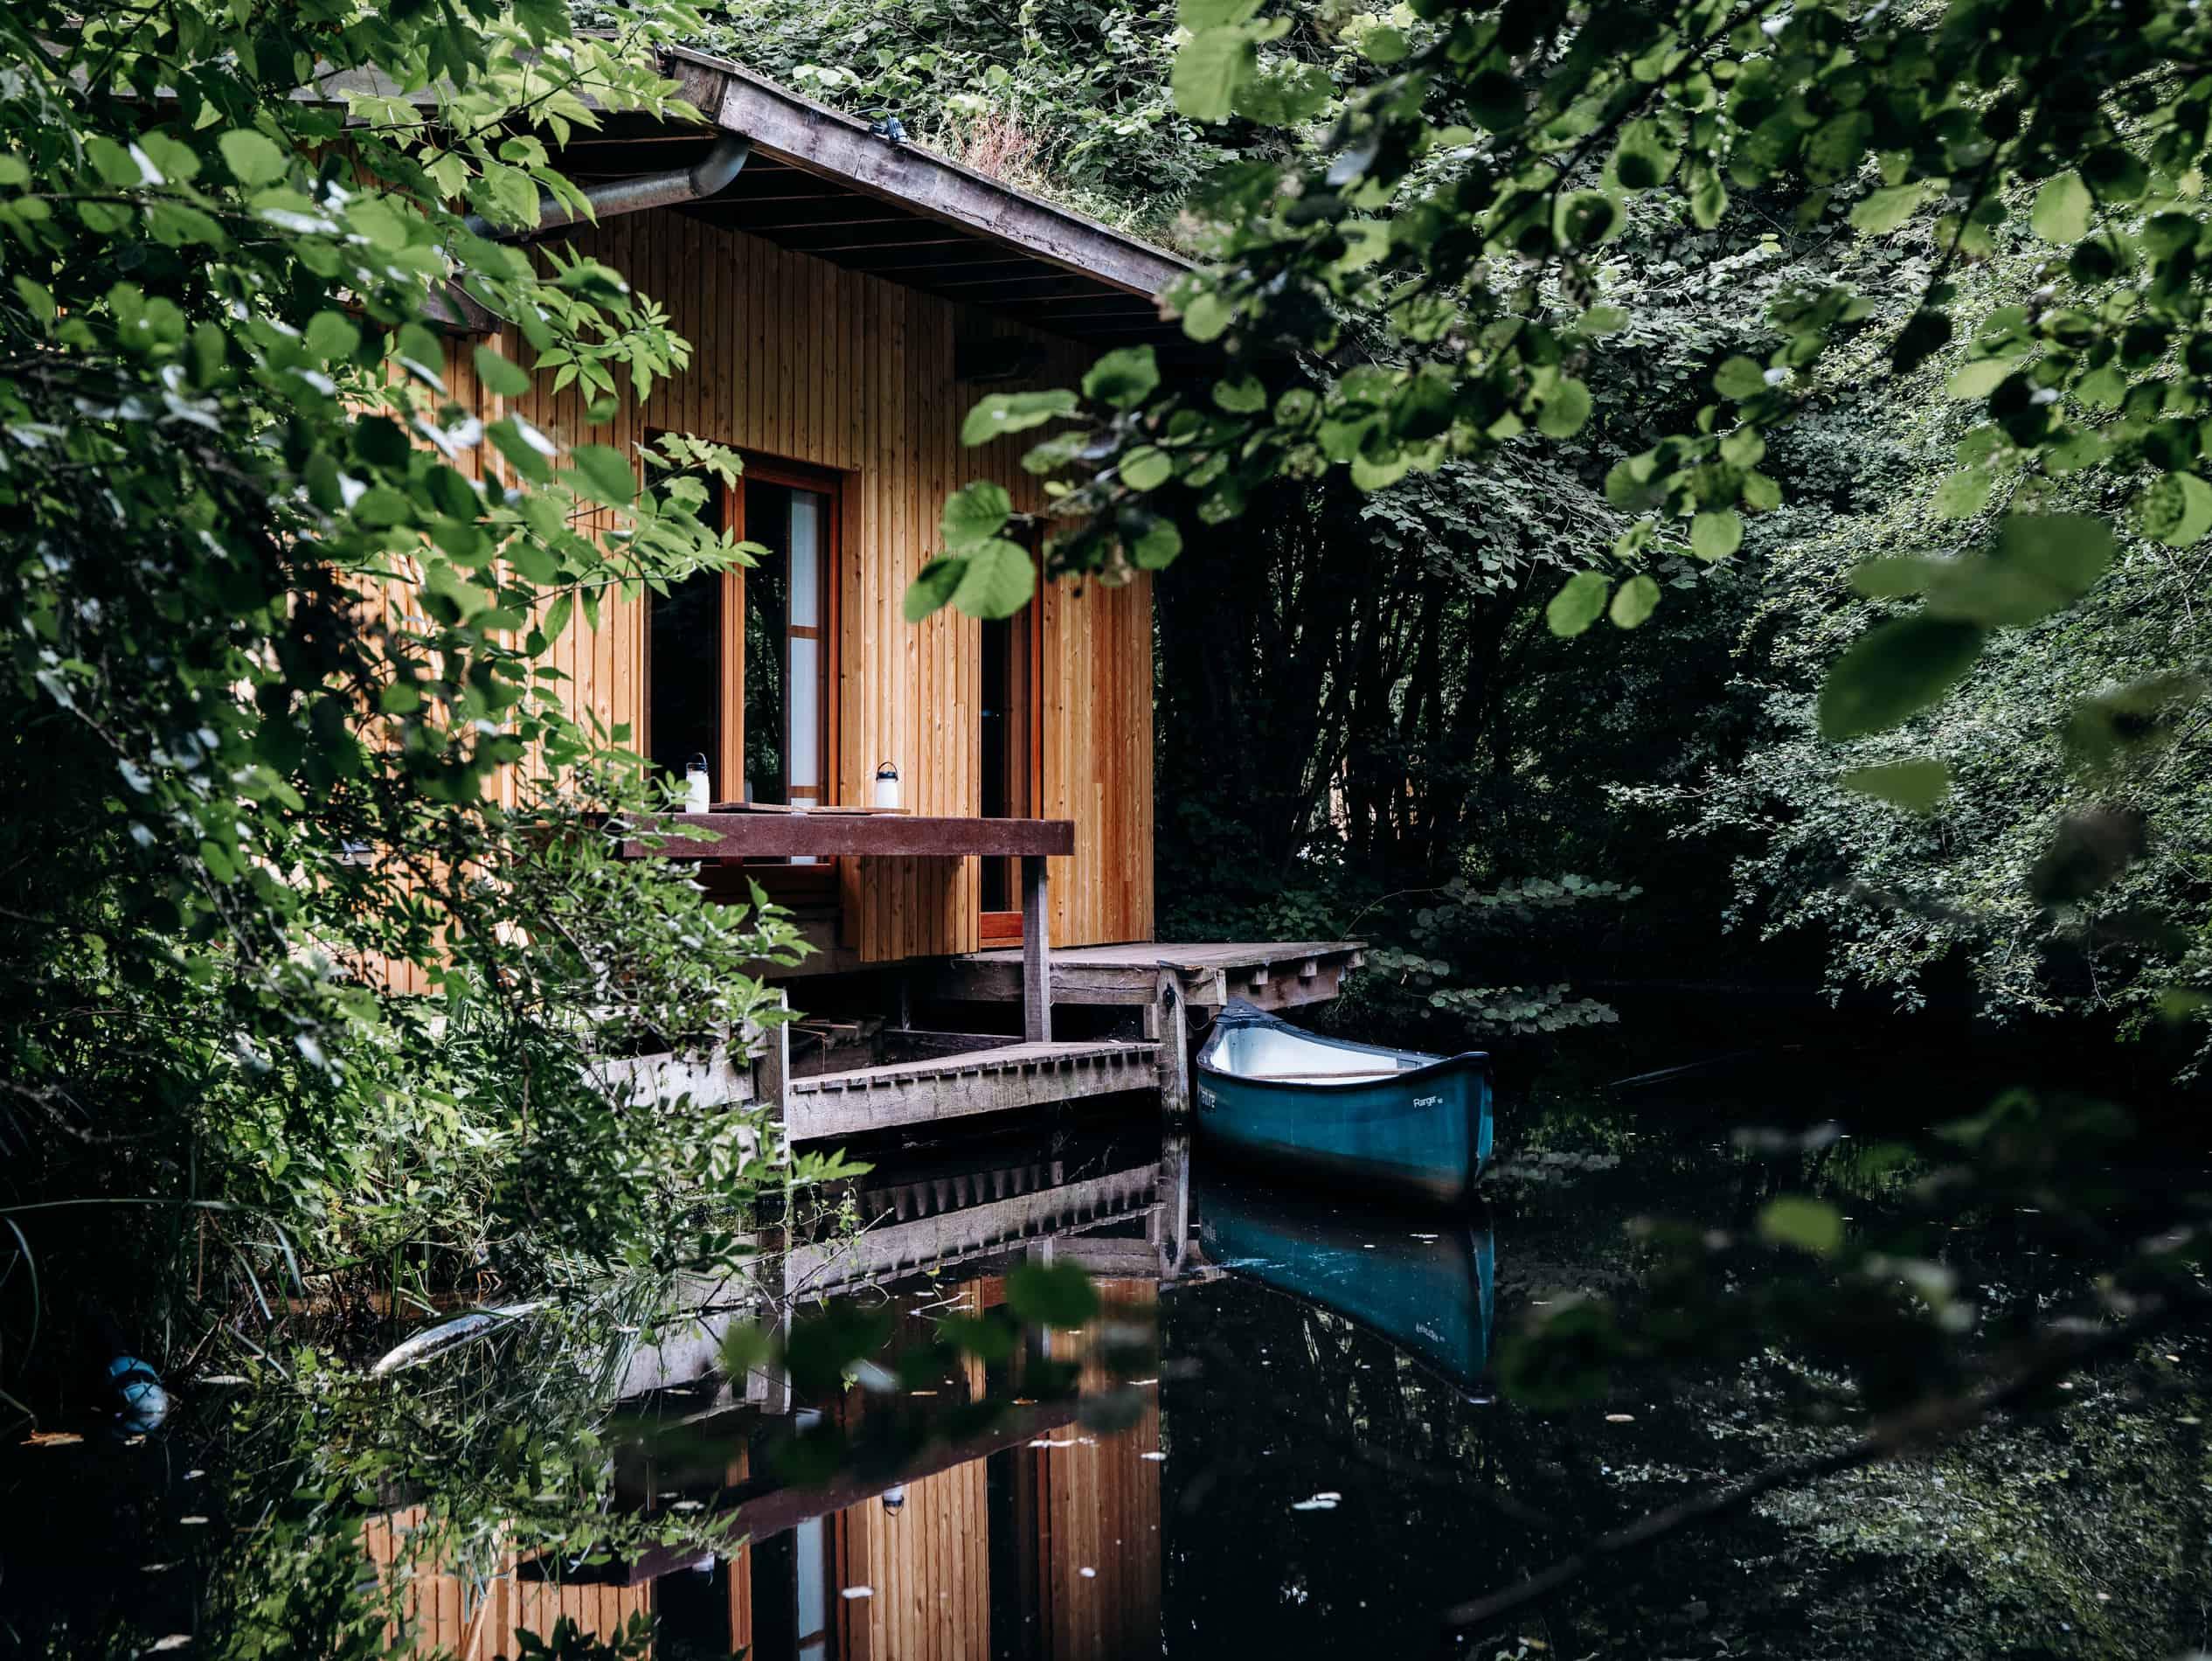 écolodge bois Le Bruit de l'Eau japon baie de somme